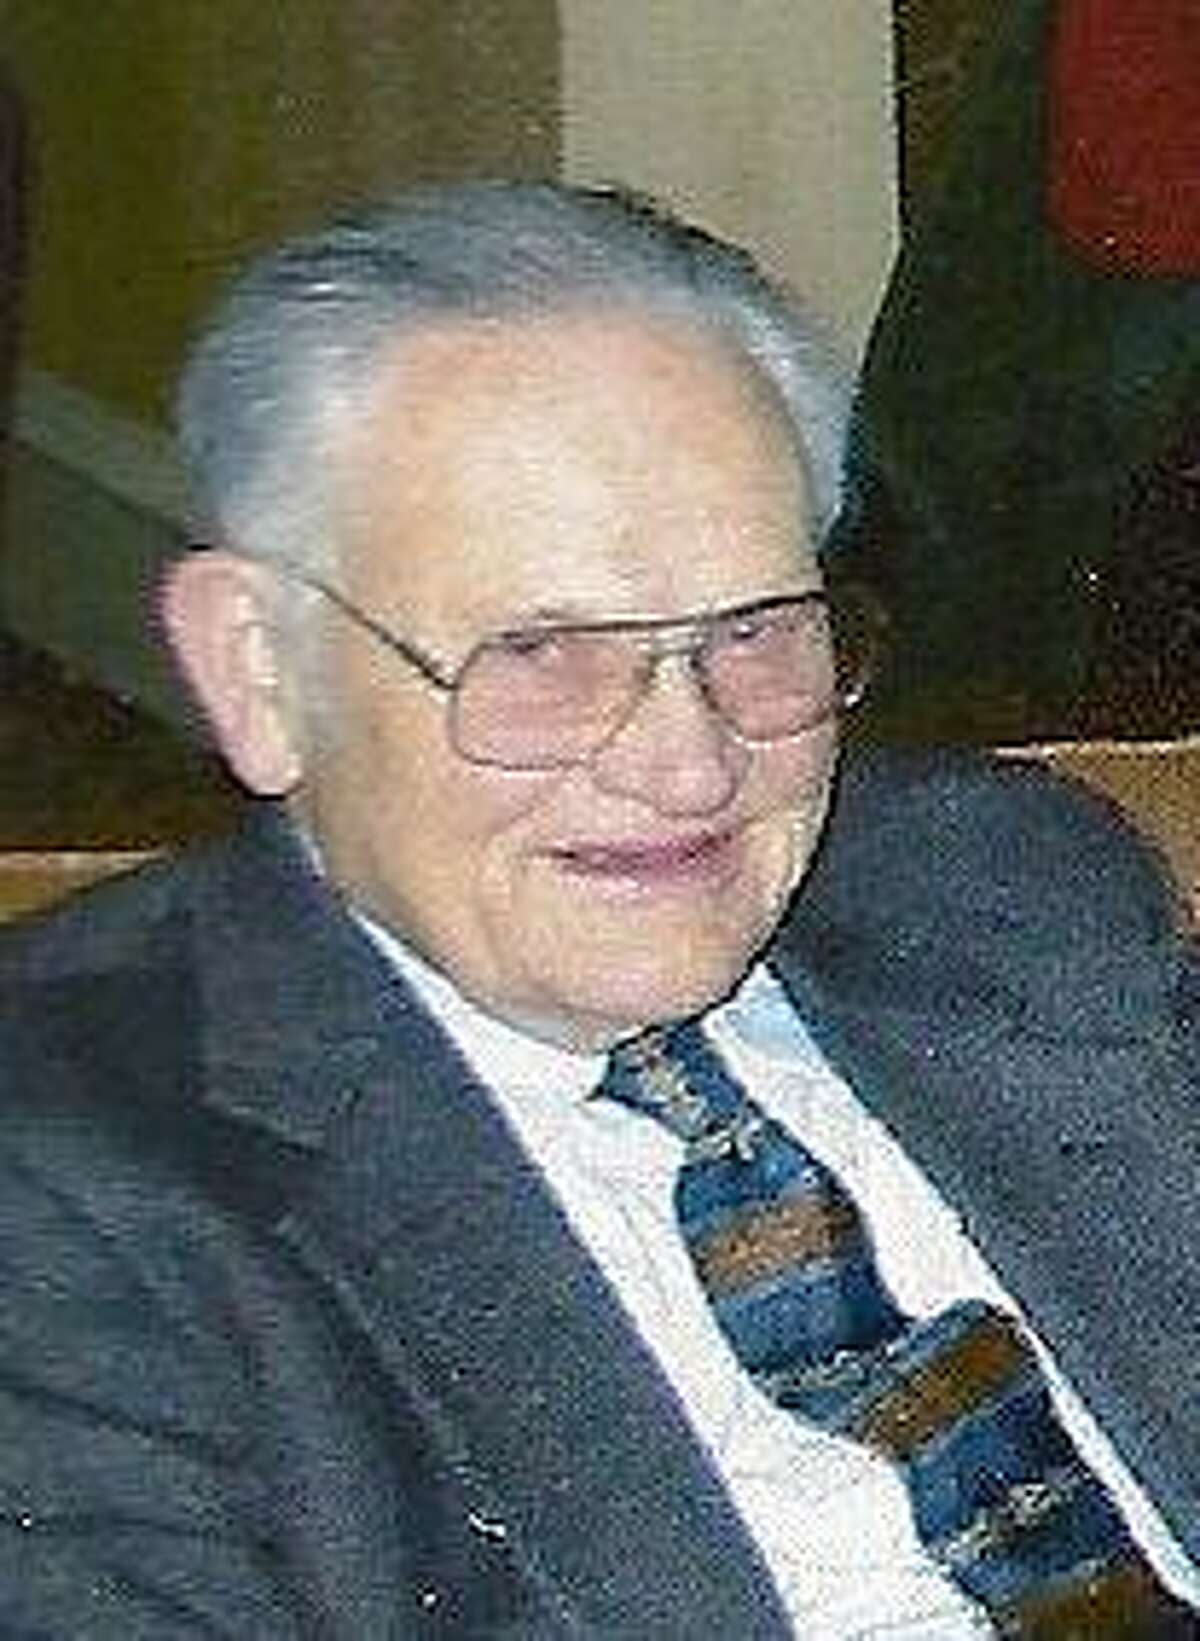 Robert Estabrook.